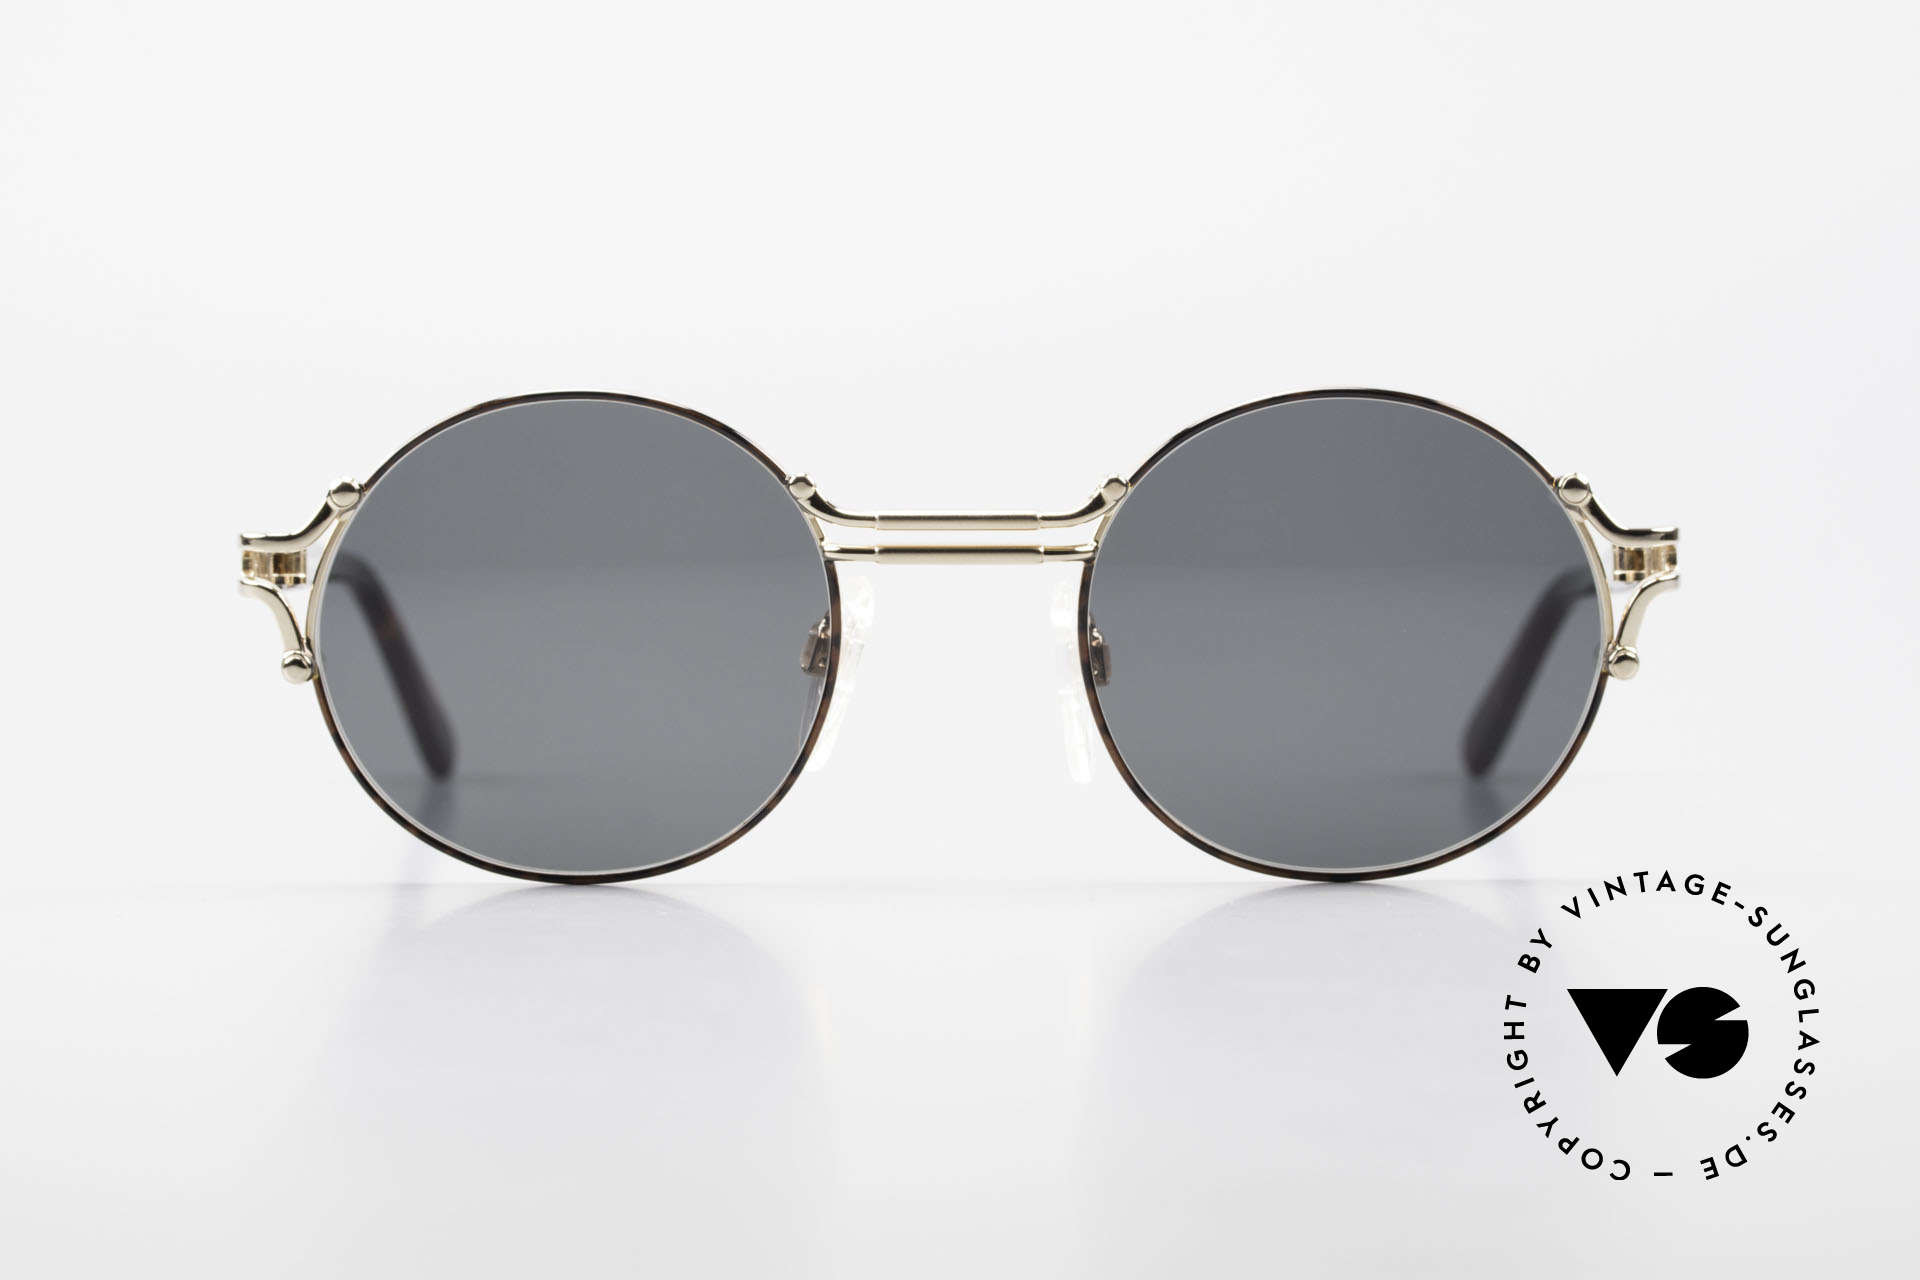 Neostyle Academic 8 Runde Vintage Sonnenbrille, runde, zeitlose vintage Brille aus den 1980ern, Passend für Herren und Damen